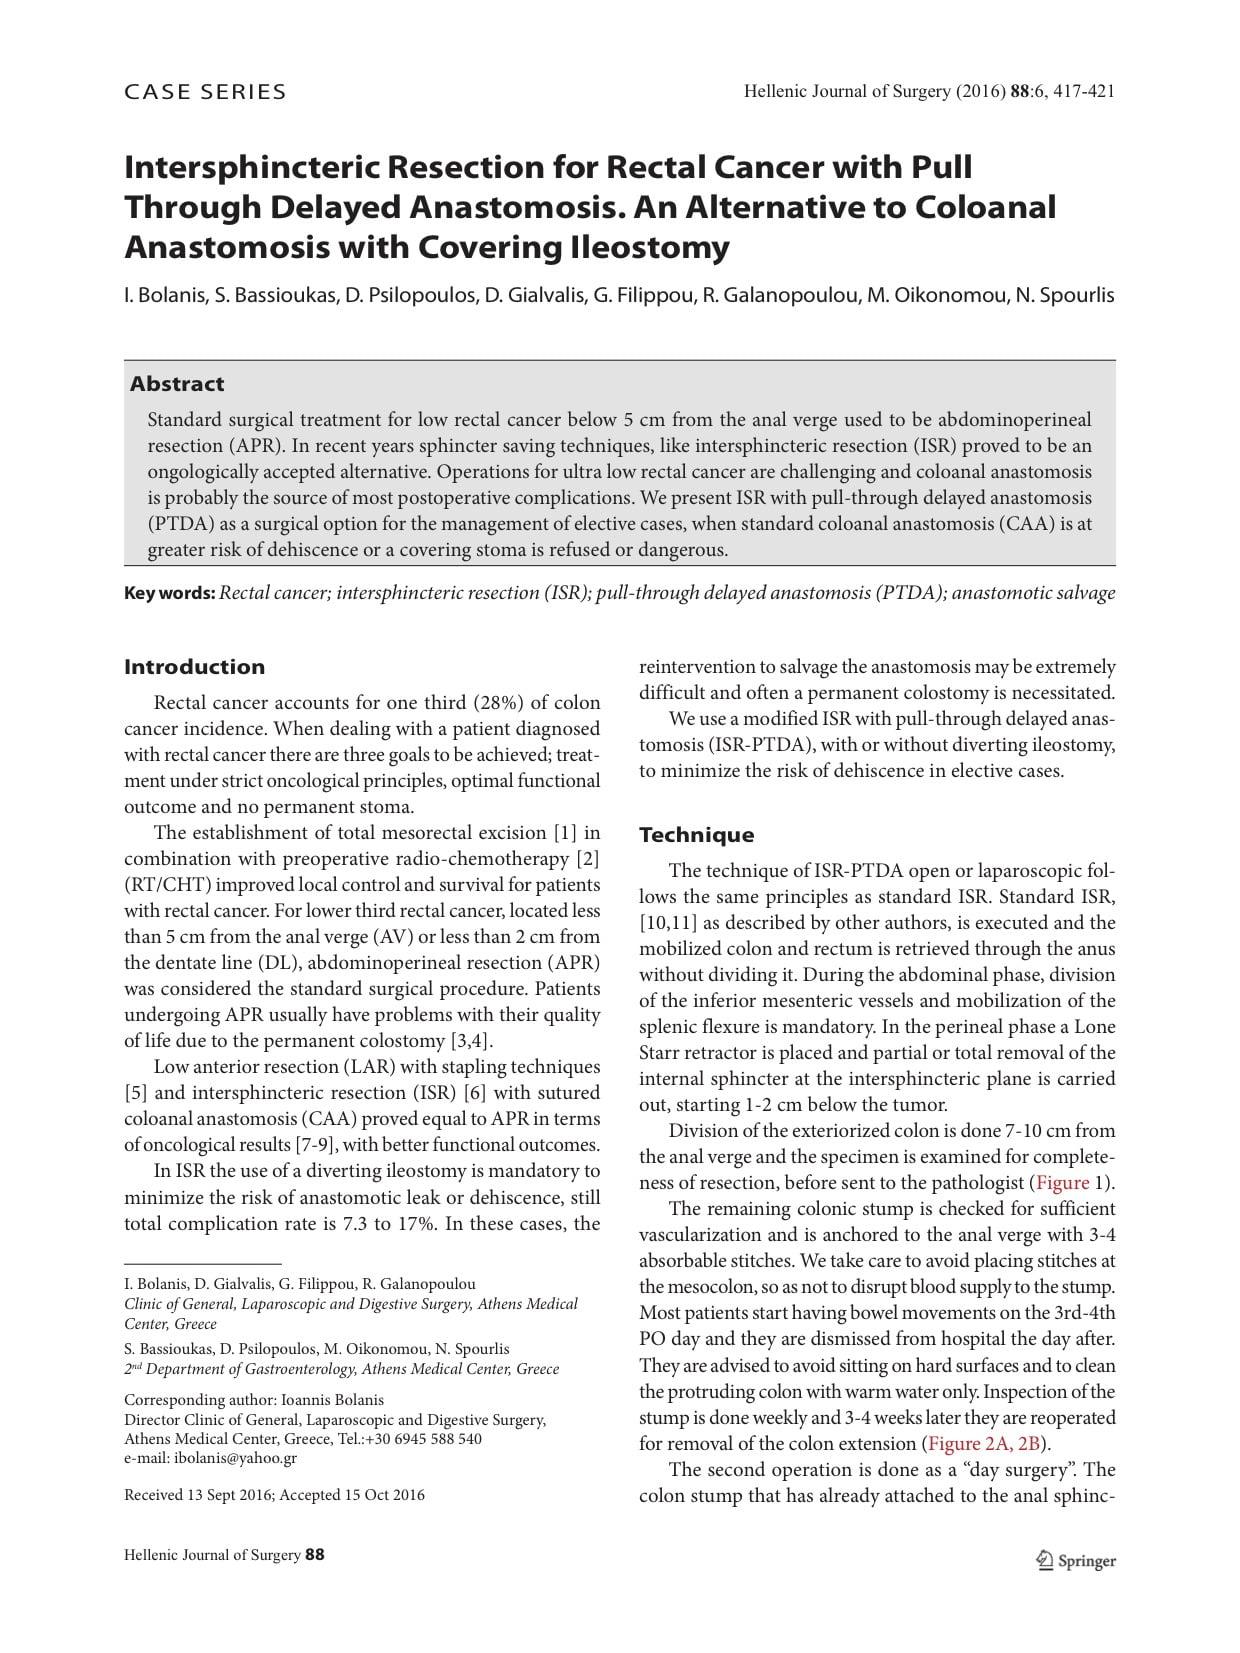 Νέα μέθοδος στον καρκίνο του ορθού - Ι. Μπολάνης χειρουργός εντέρου fdcadf2bc39